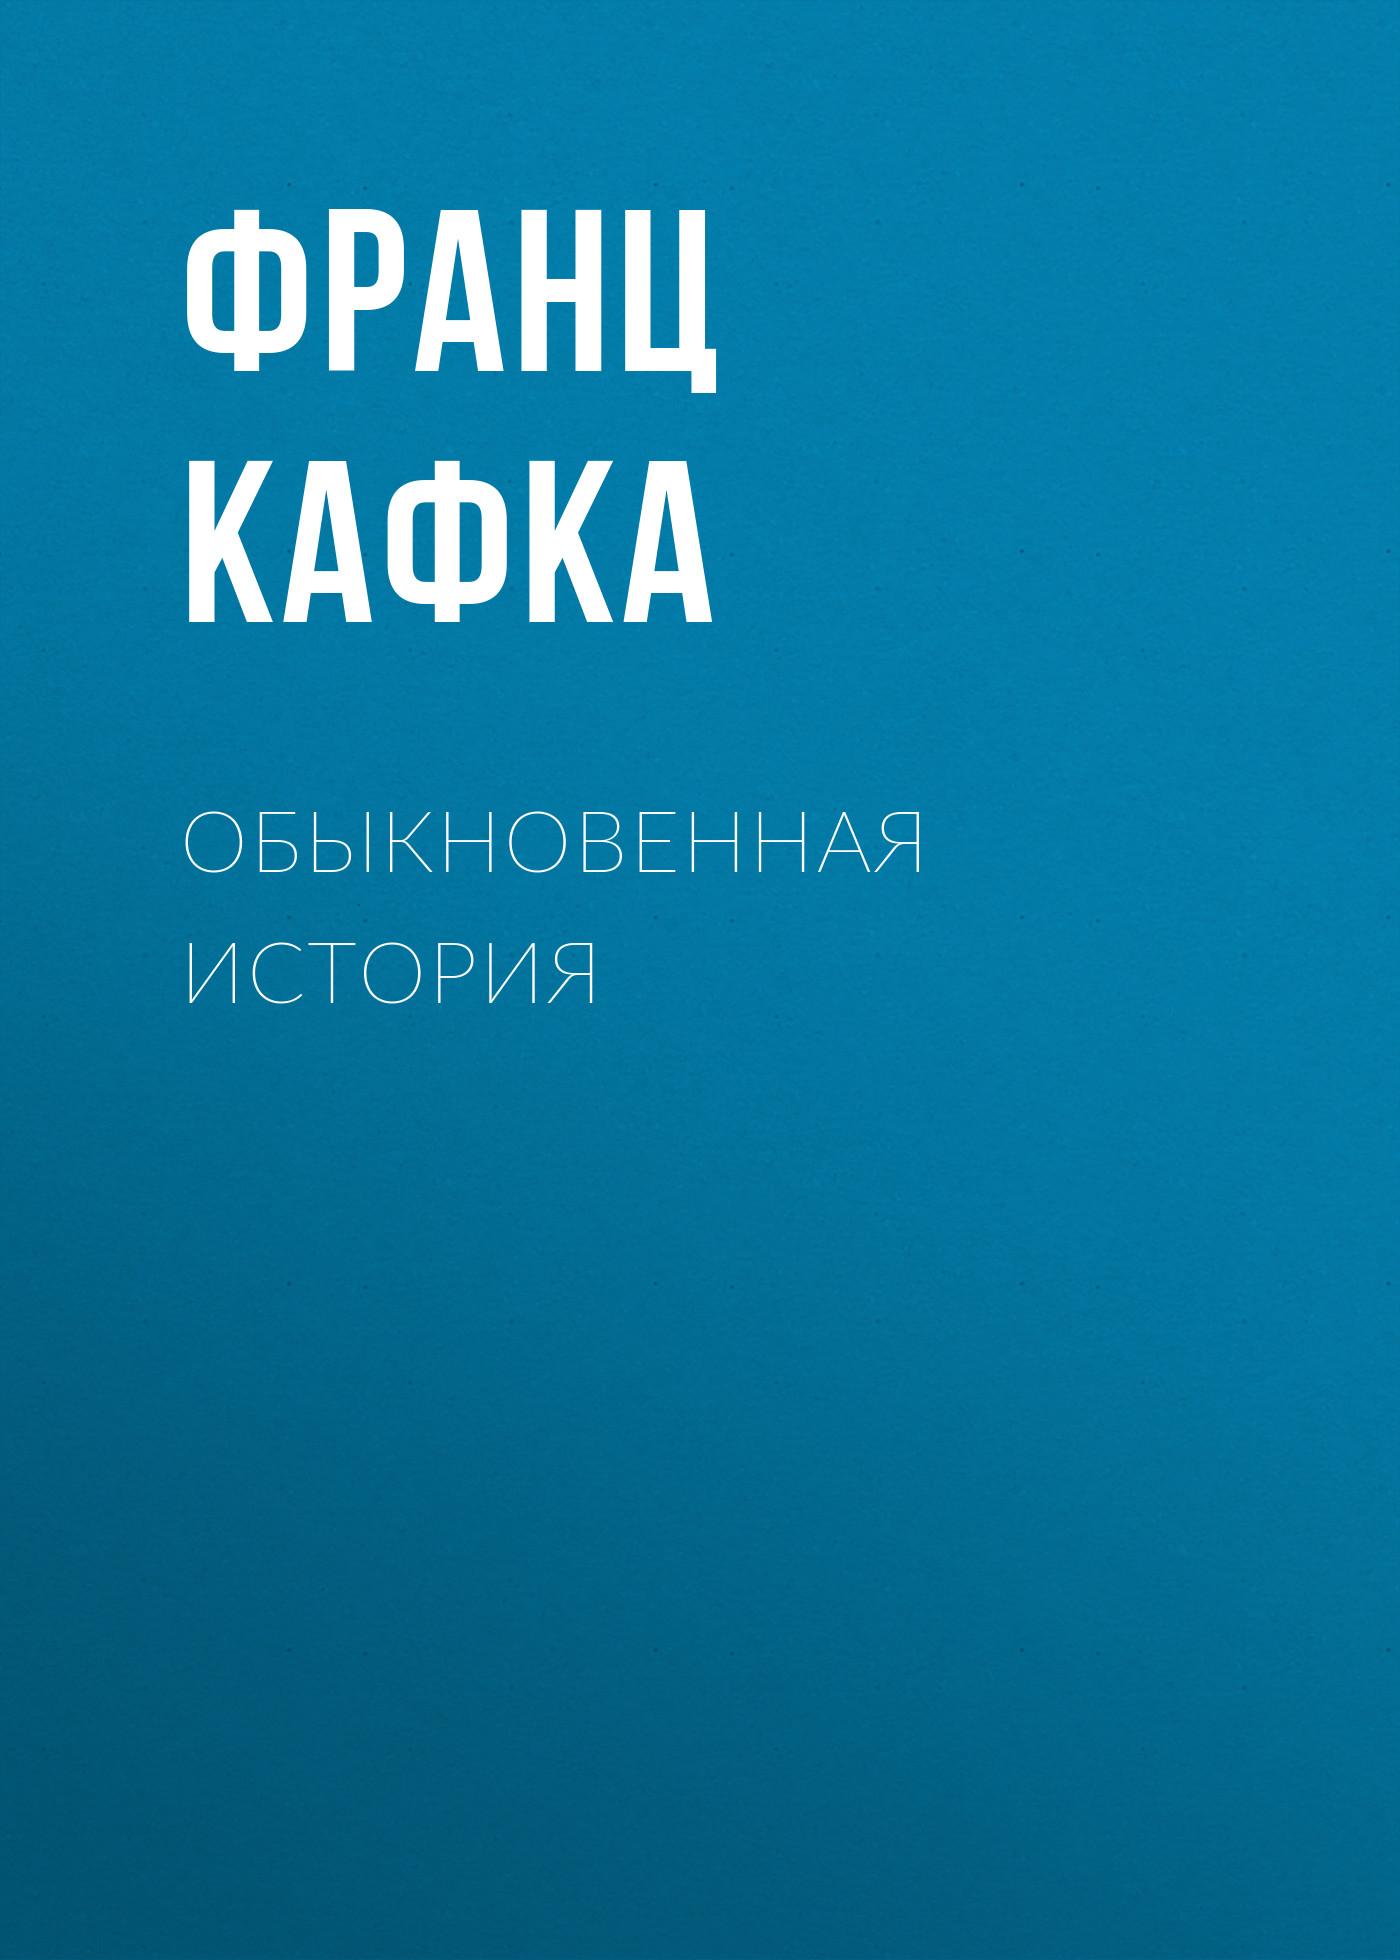 Франц Кафка Обыкновенная история обыкновенная история 2019 01 05t18 00